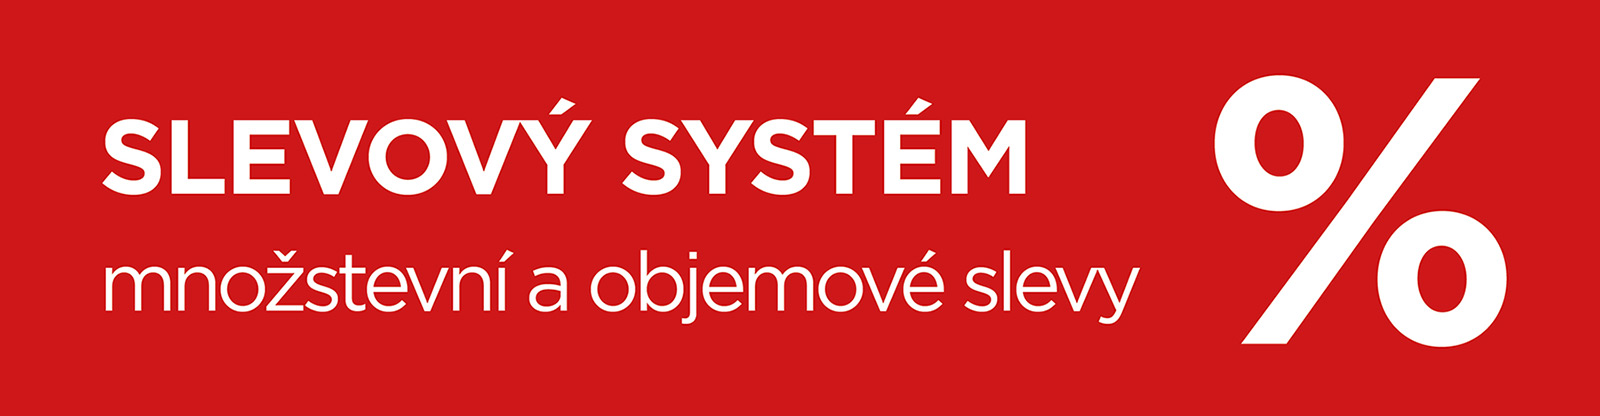 Slevovy system PK Group